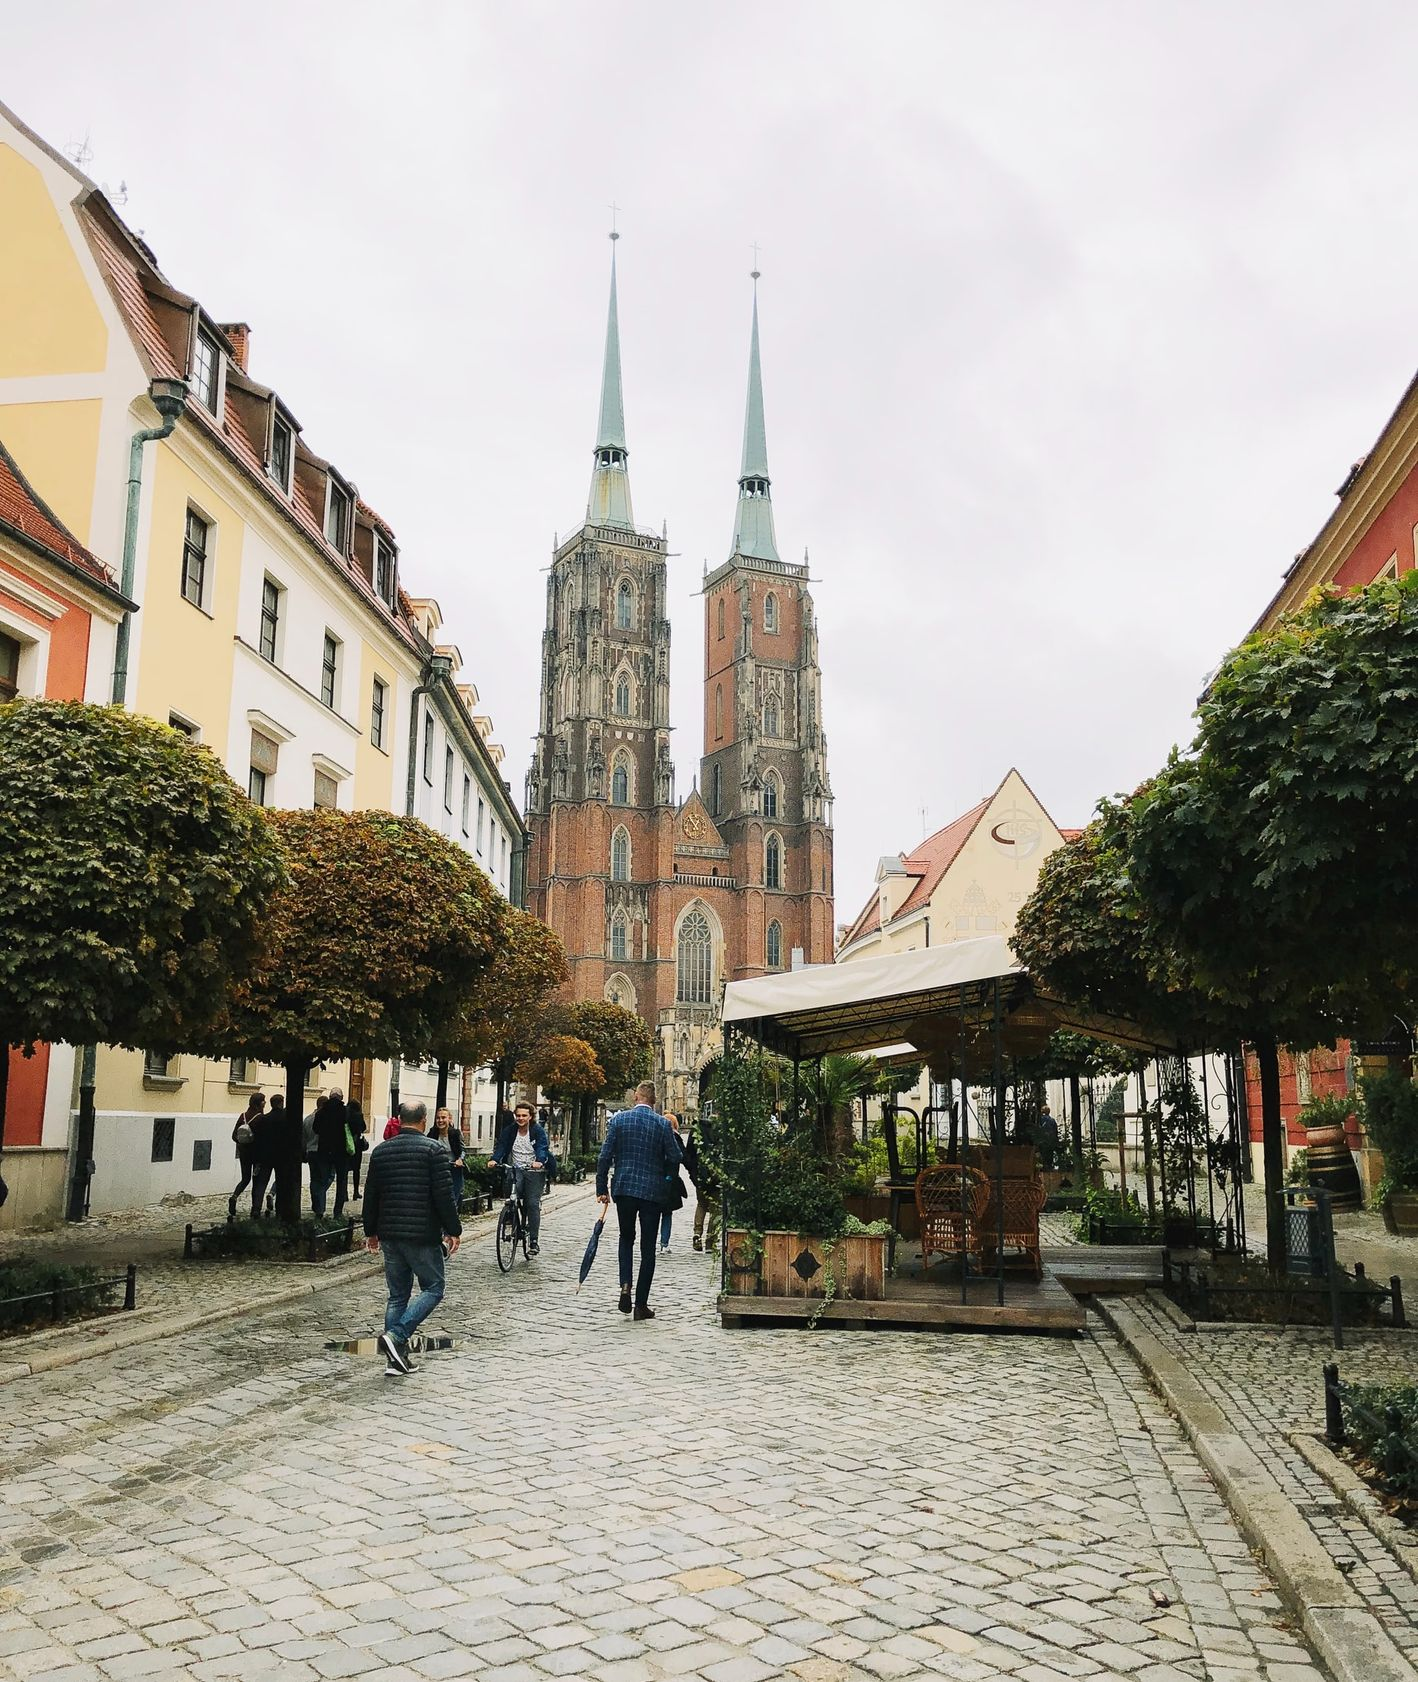 Ostrów Tumski – widok na katedrę i restauracje we Wrocławiu (fot. Joe Green)